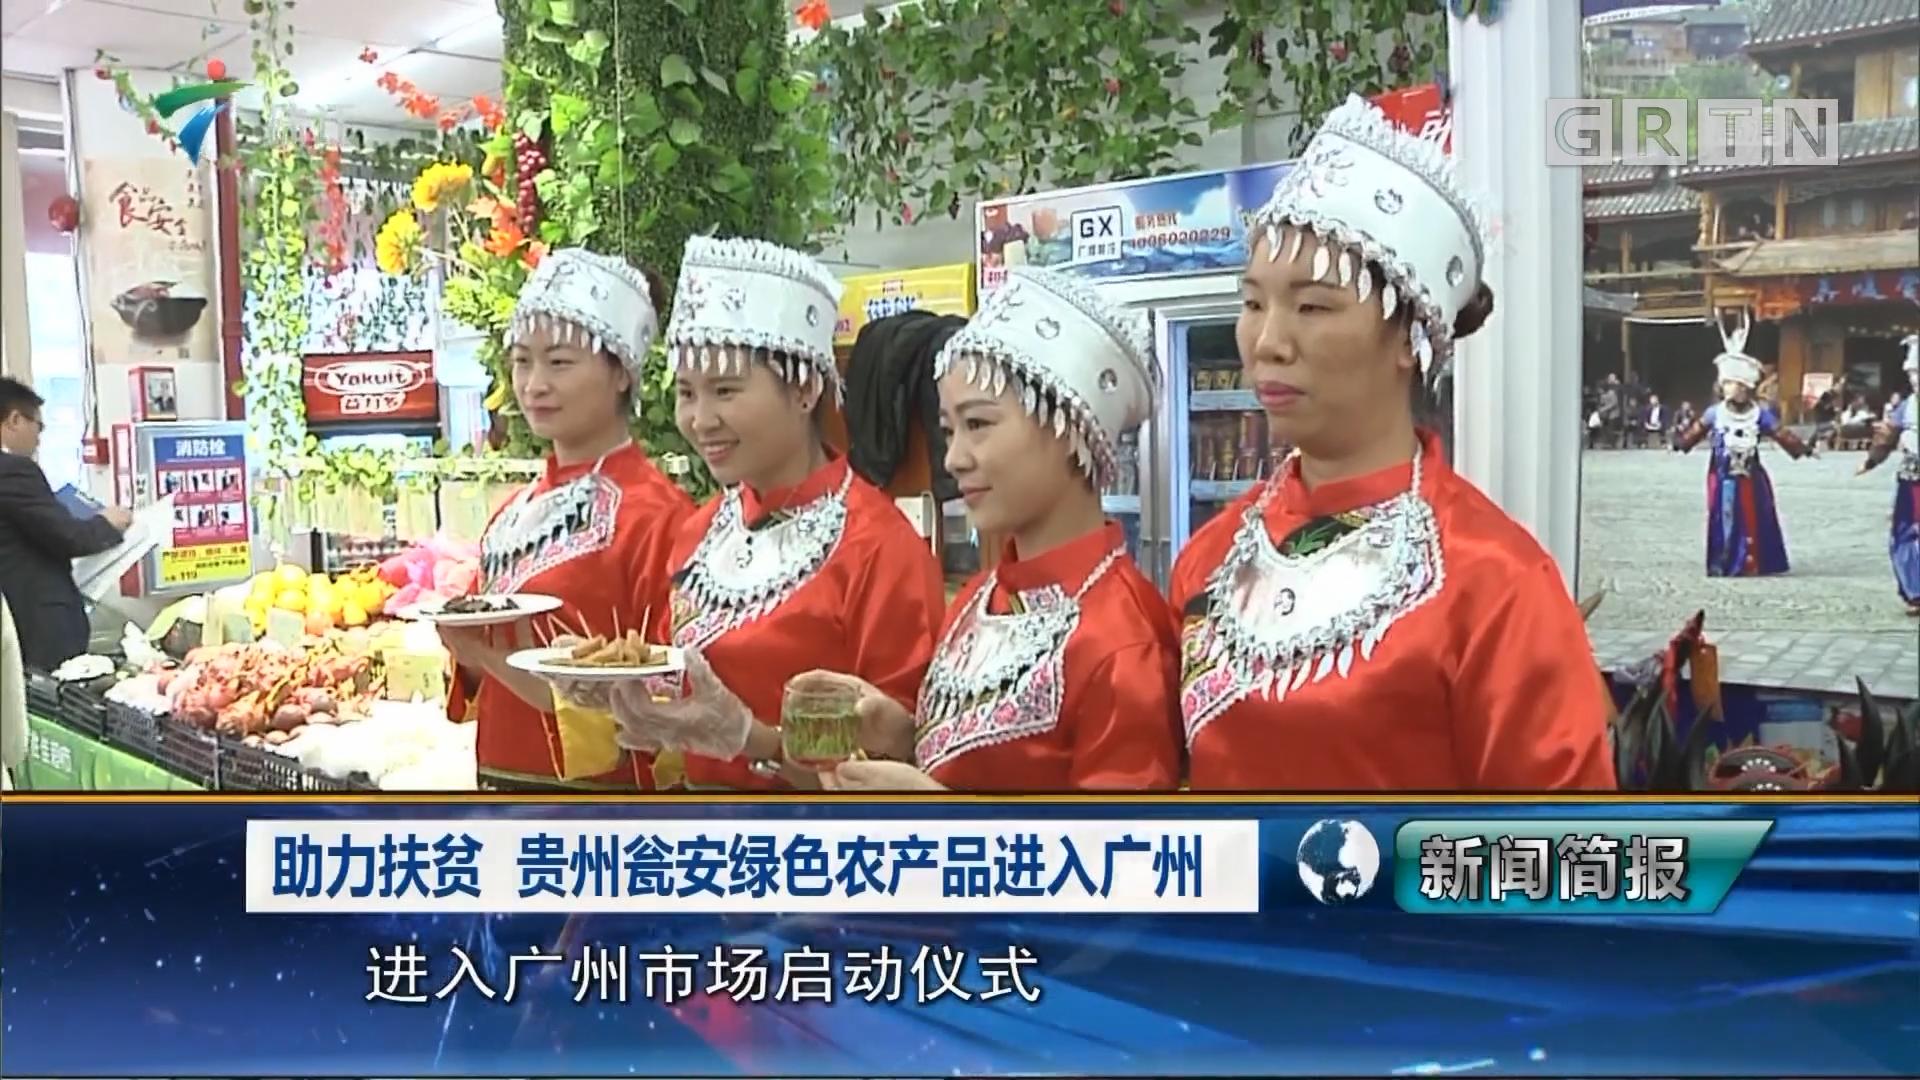 助力扶贫 贵州瓮安绿色农产品进入广州